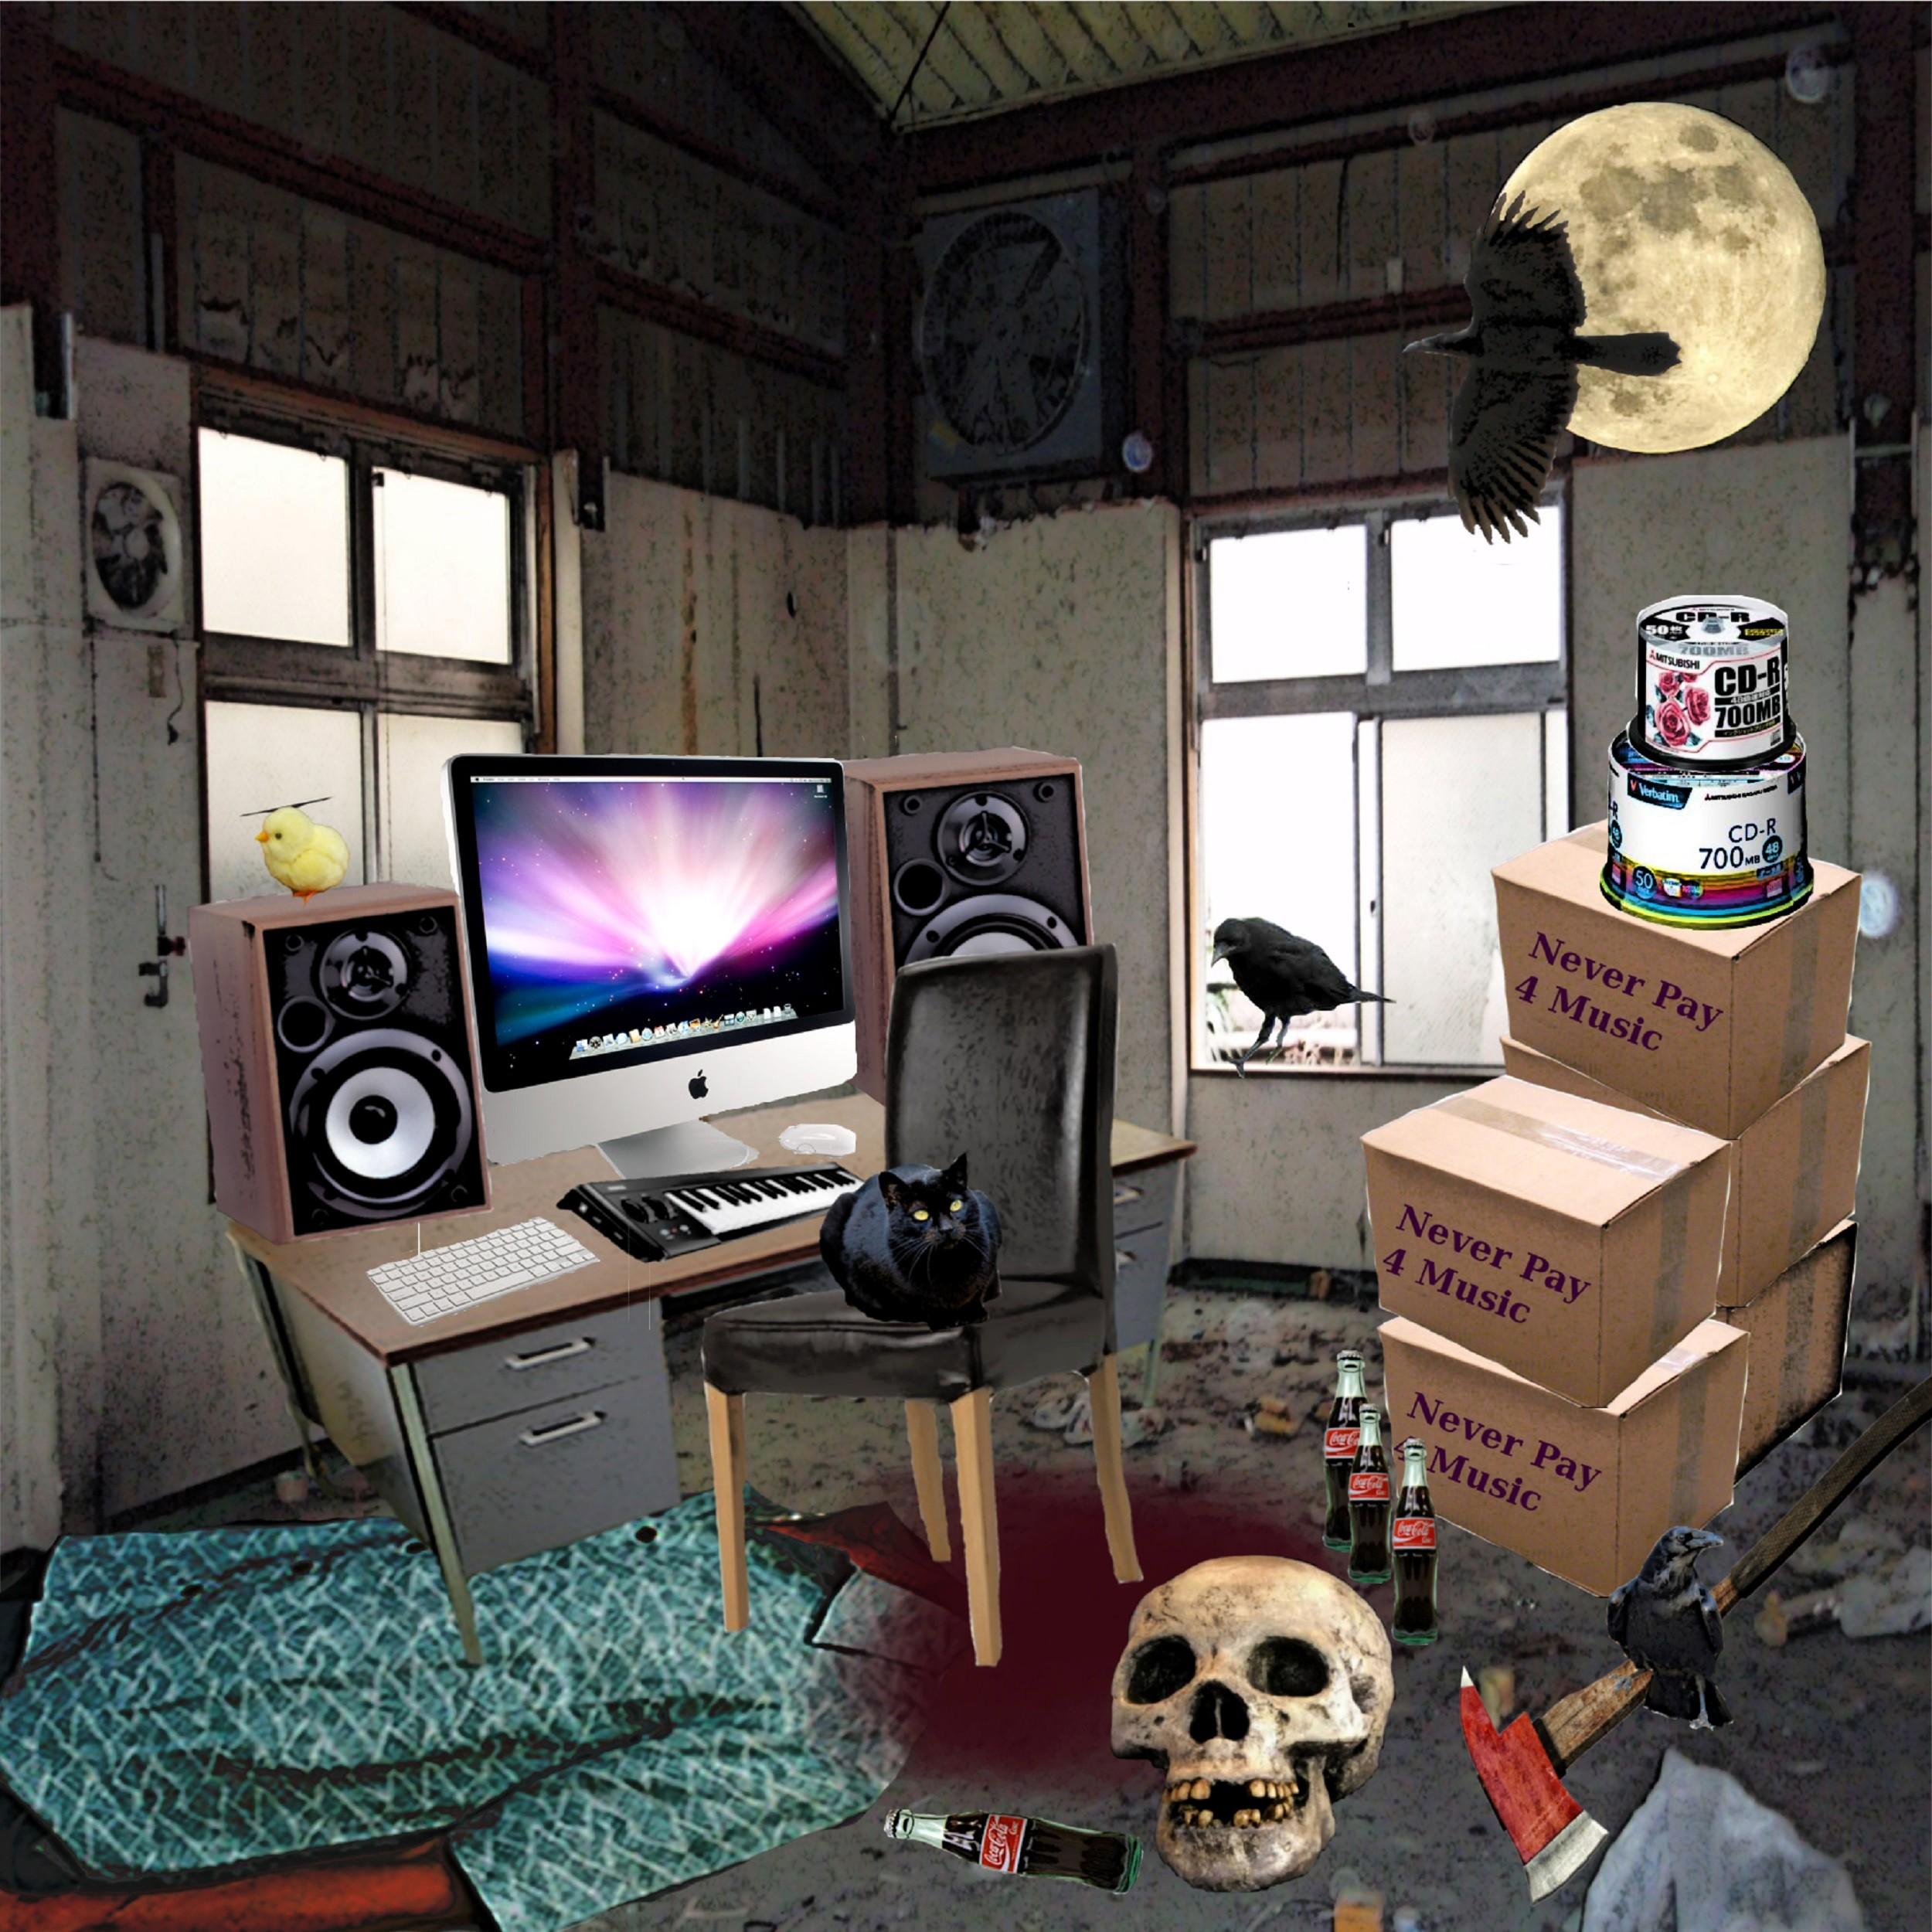 Image of Never Pay 4 Music / soakubeats